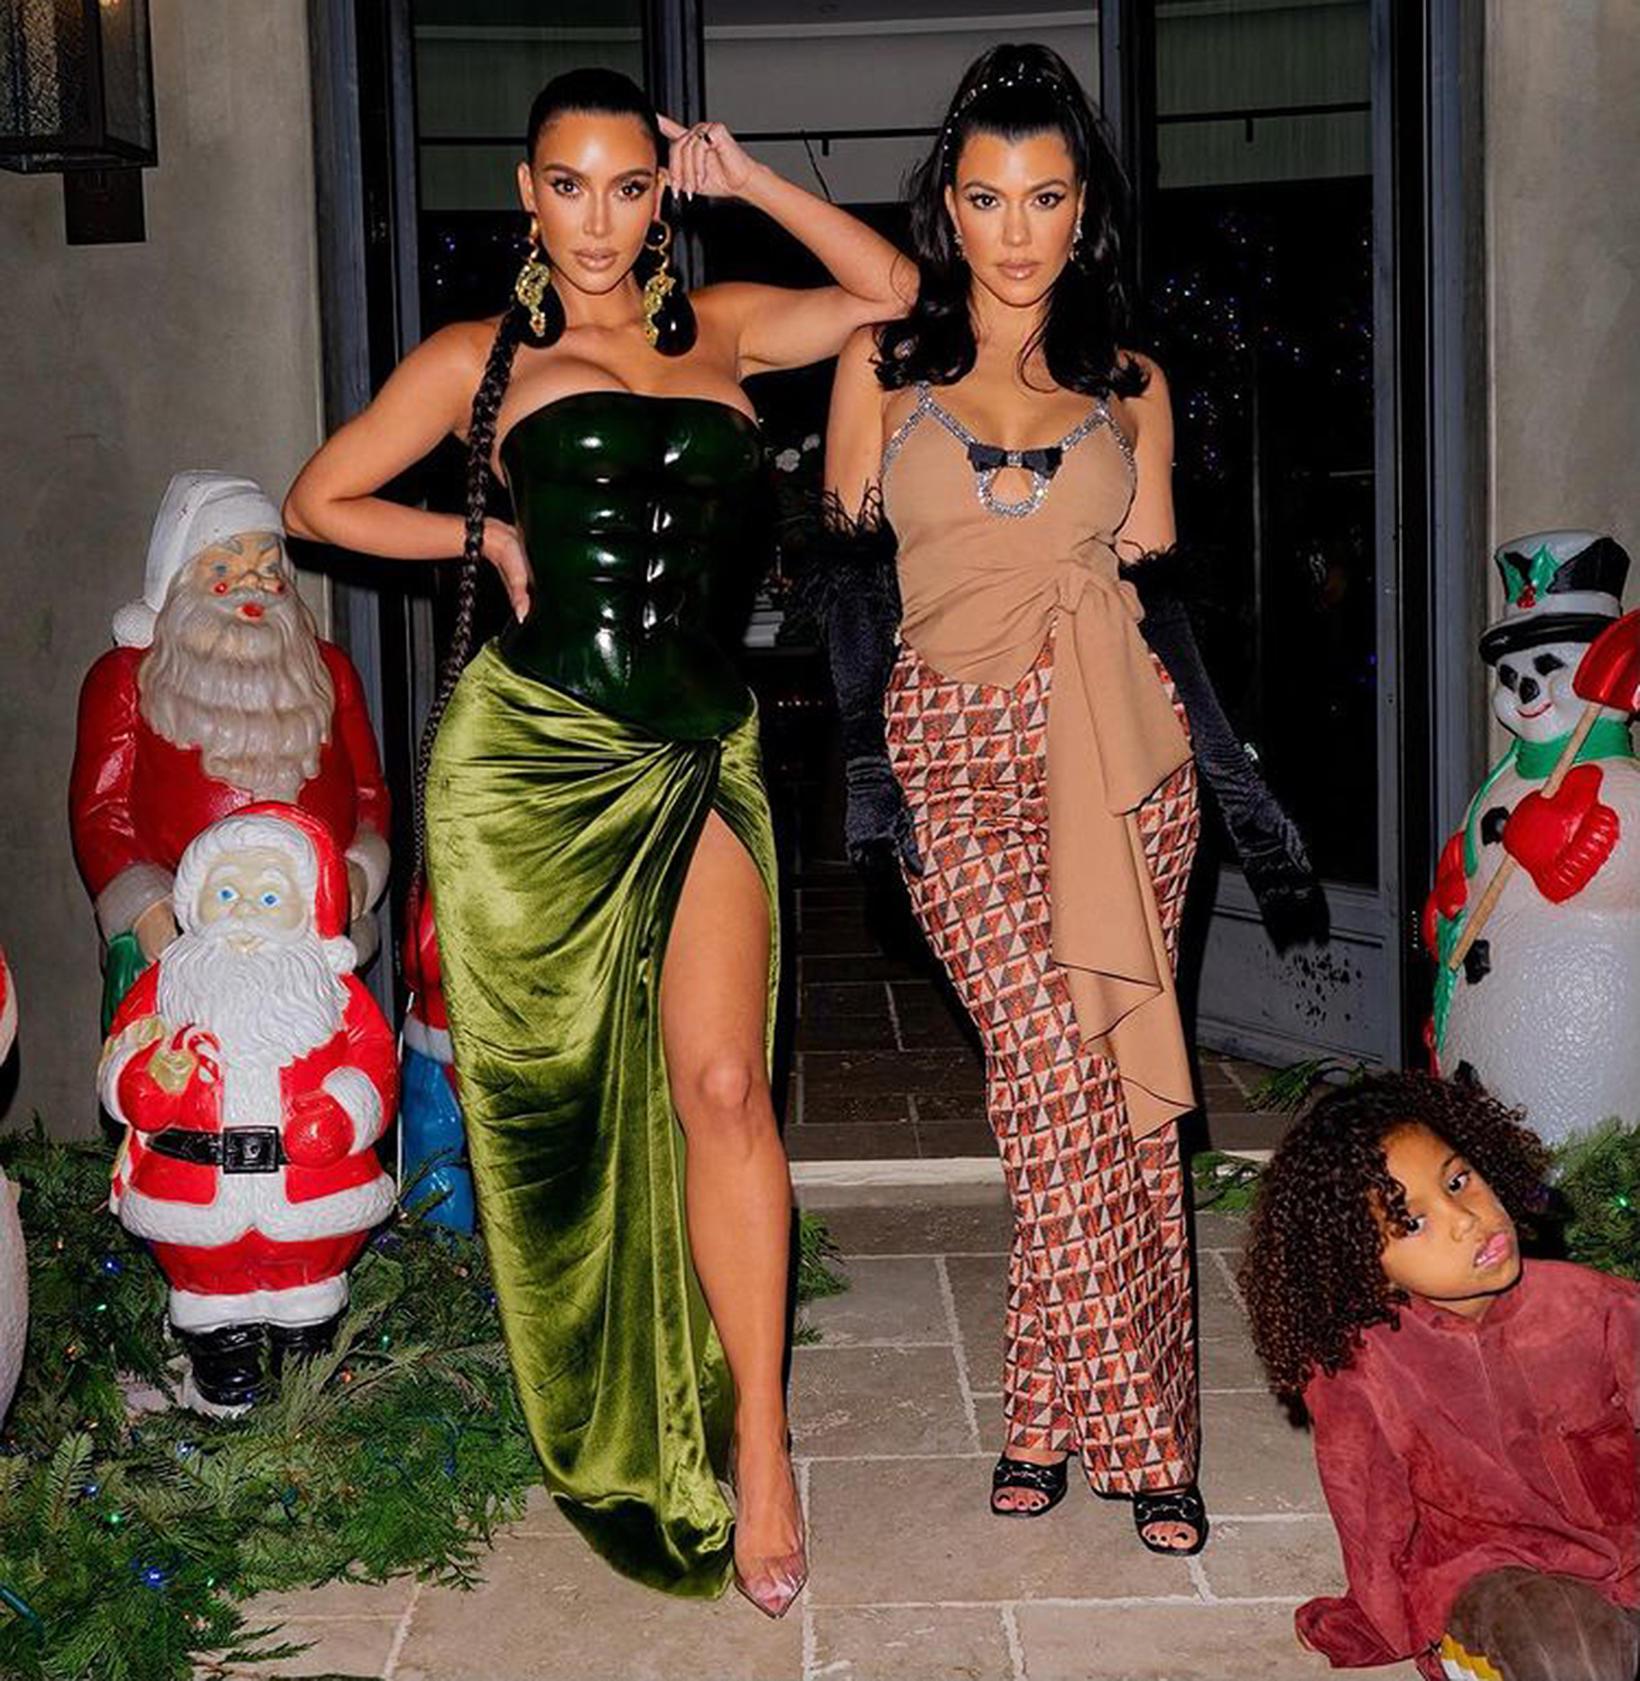 Kim og með systur sinni Kourtney Kardashian.